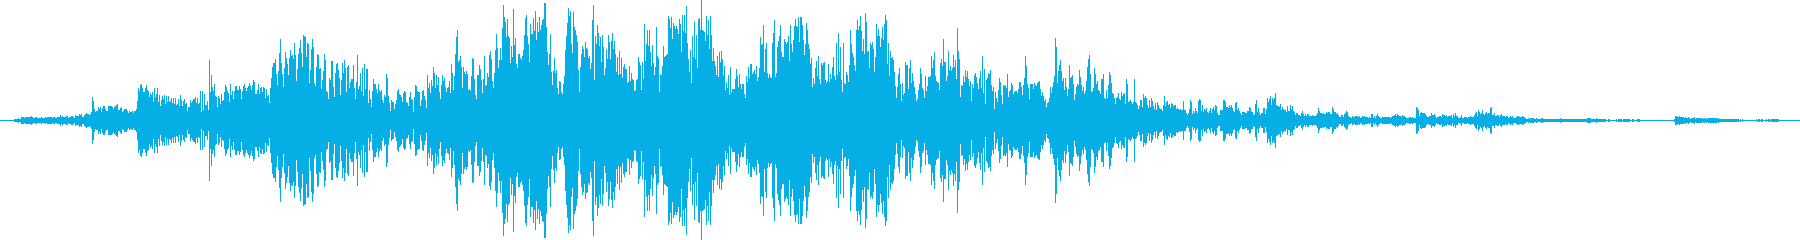 ジャラ(コイン・支払い・小銭)の再生済みの波形